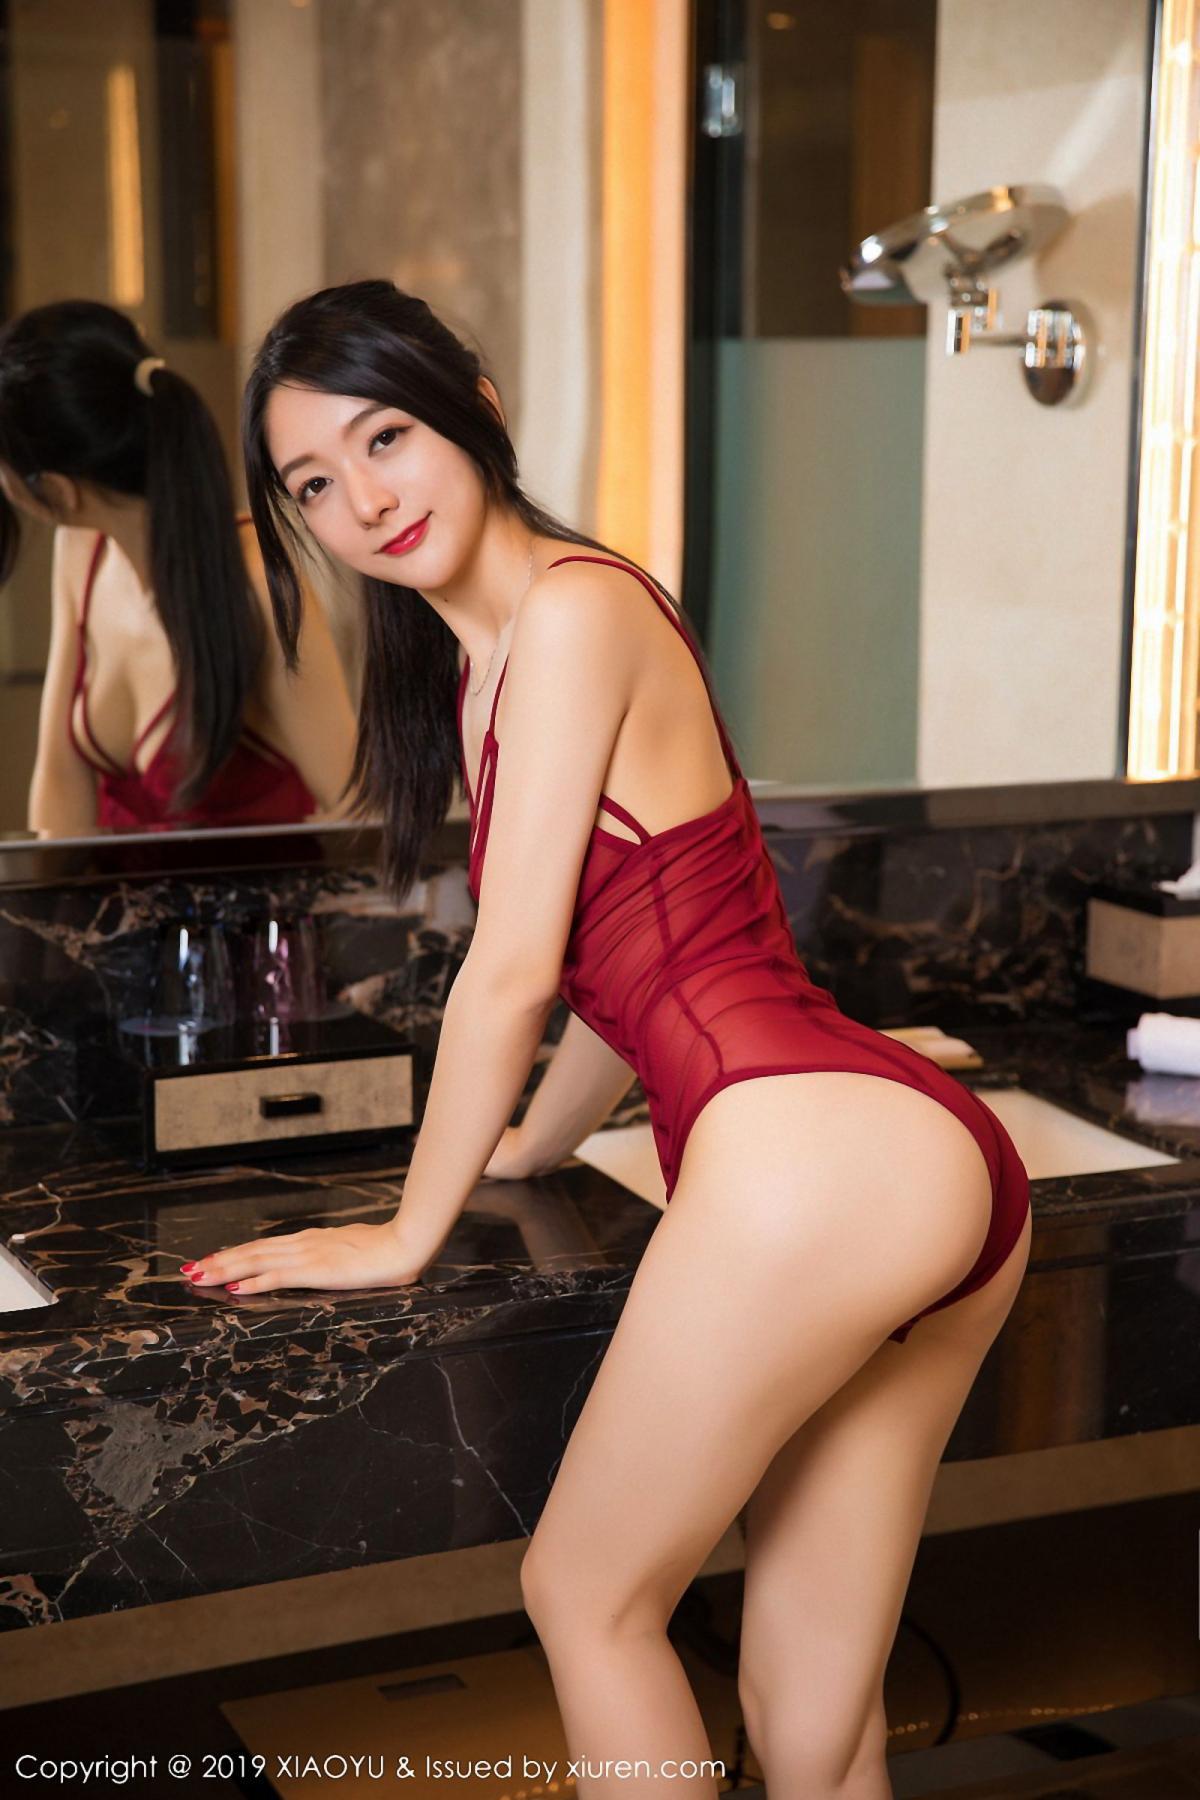 [XiaoYu] Vol.046 Angela Xi Huan Mao 50P, Di Yi, Tall, Underwear, XiaoYu